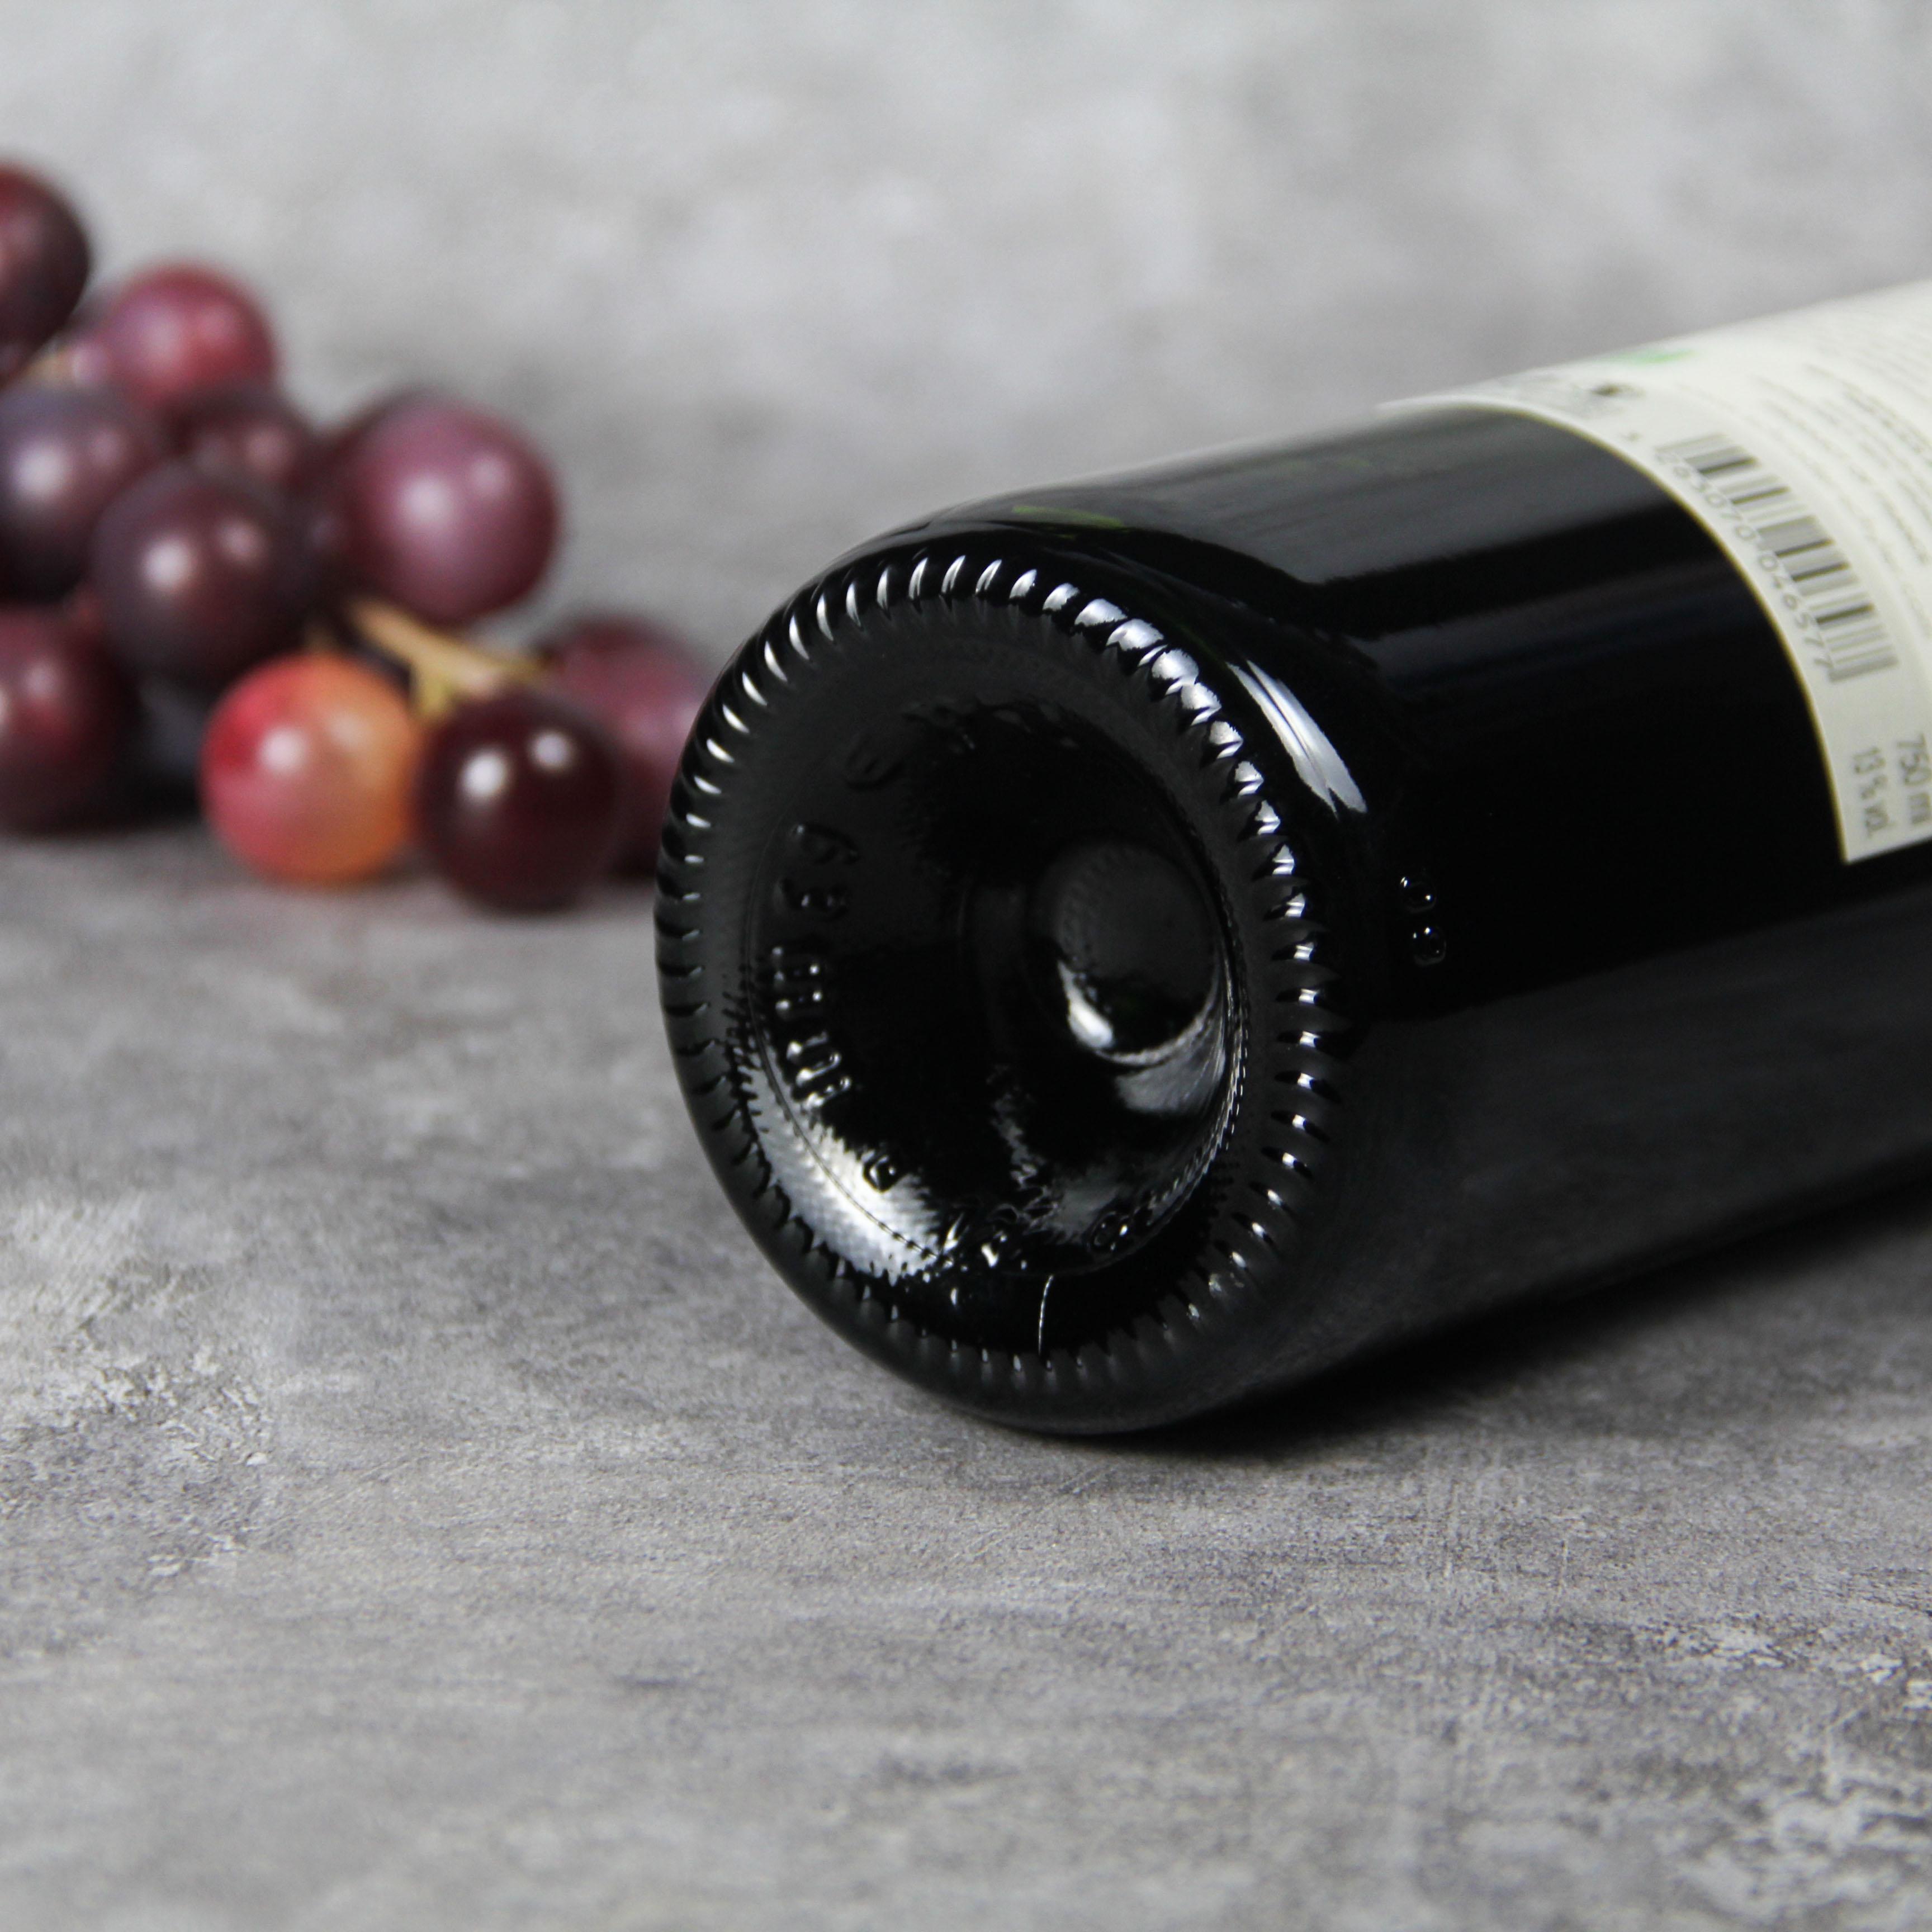 法国波尔多丘 吉贝酒庄红葡萄酒